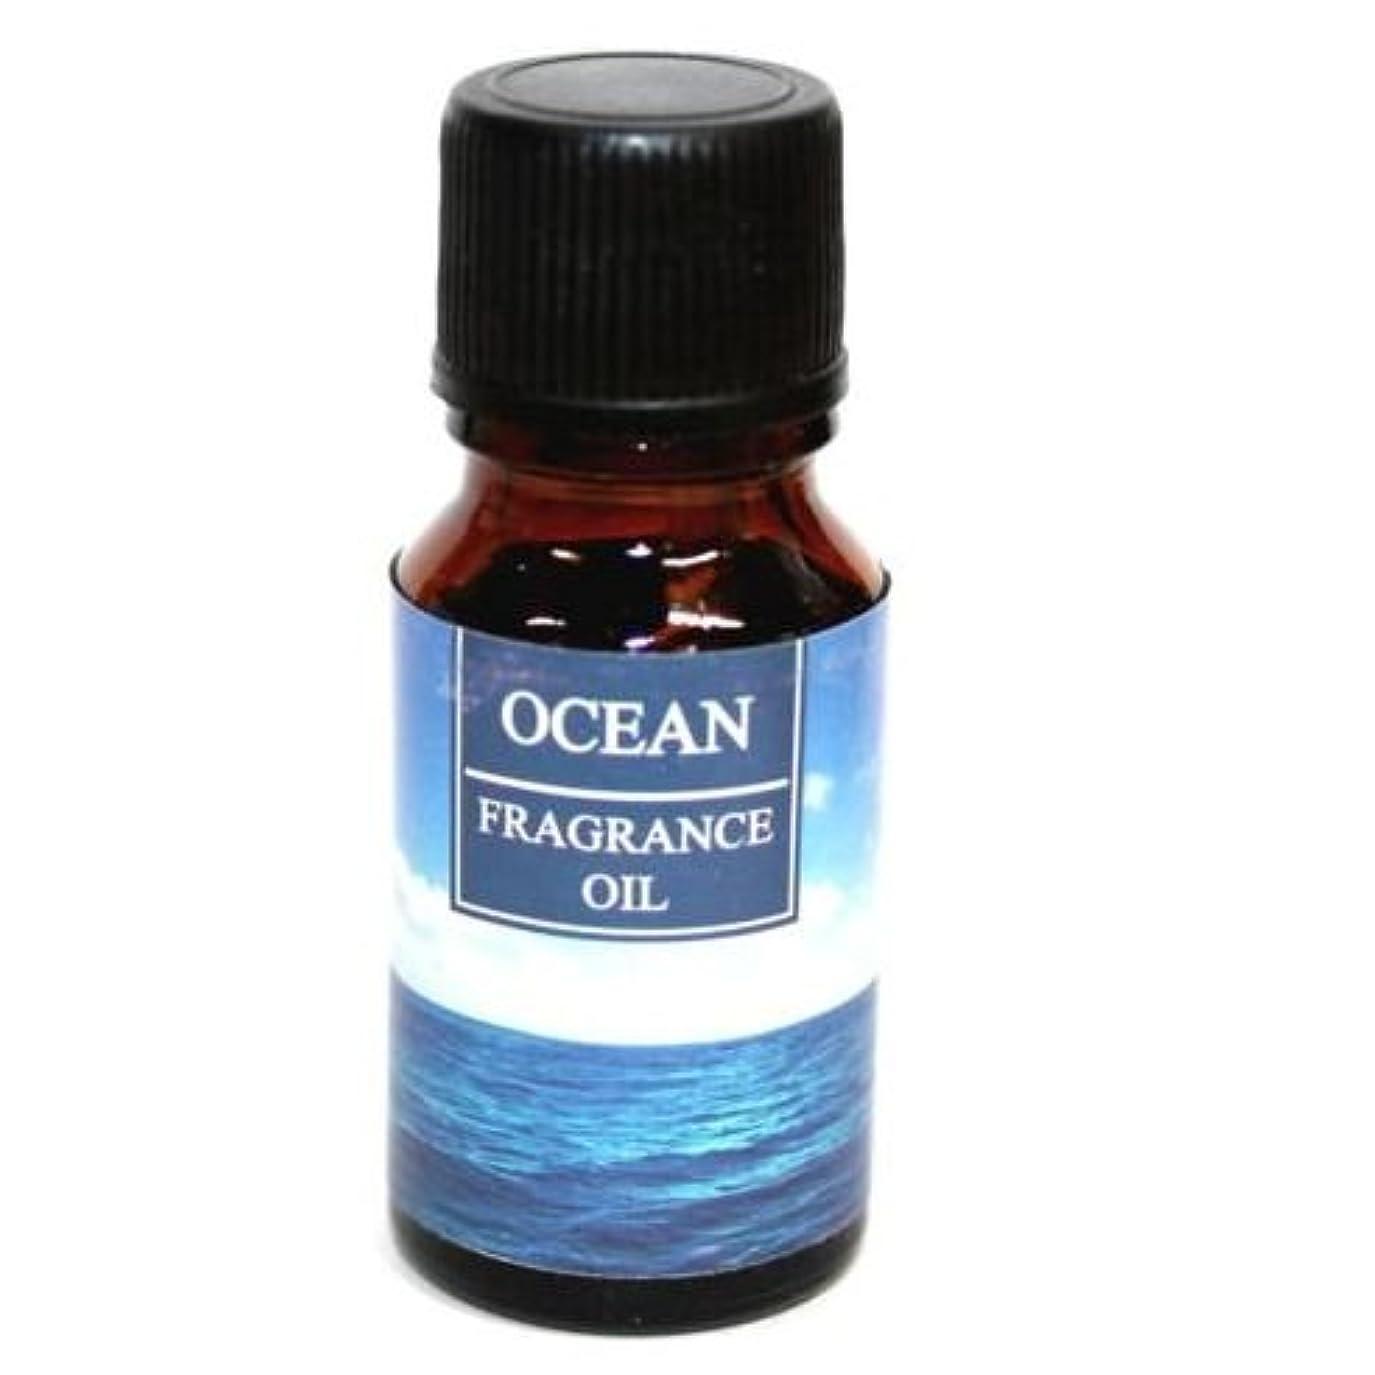 怖がって死ぬ間欠液体RELAXING アロマオイル AROMA OIL フレグランスオイル OCEAN 海の香り RQ-10